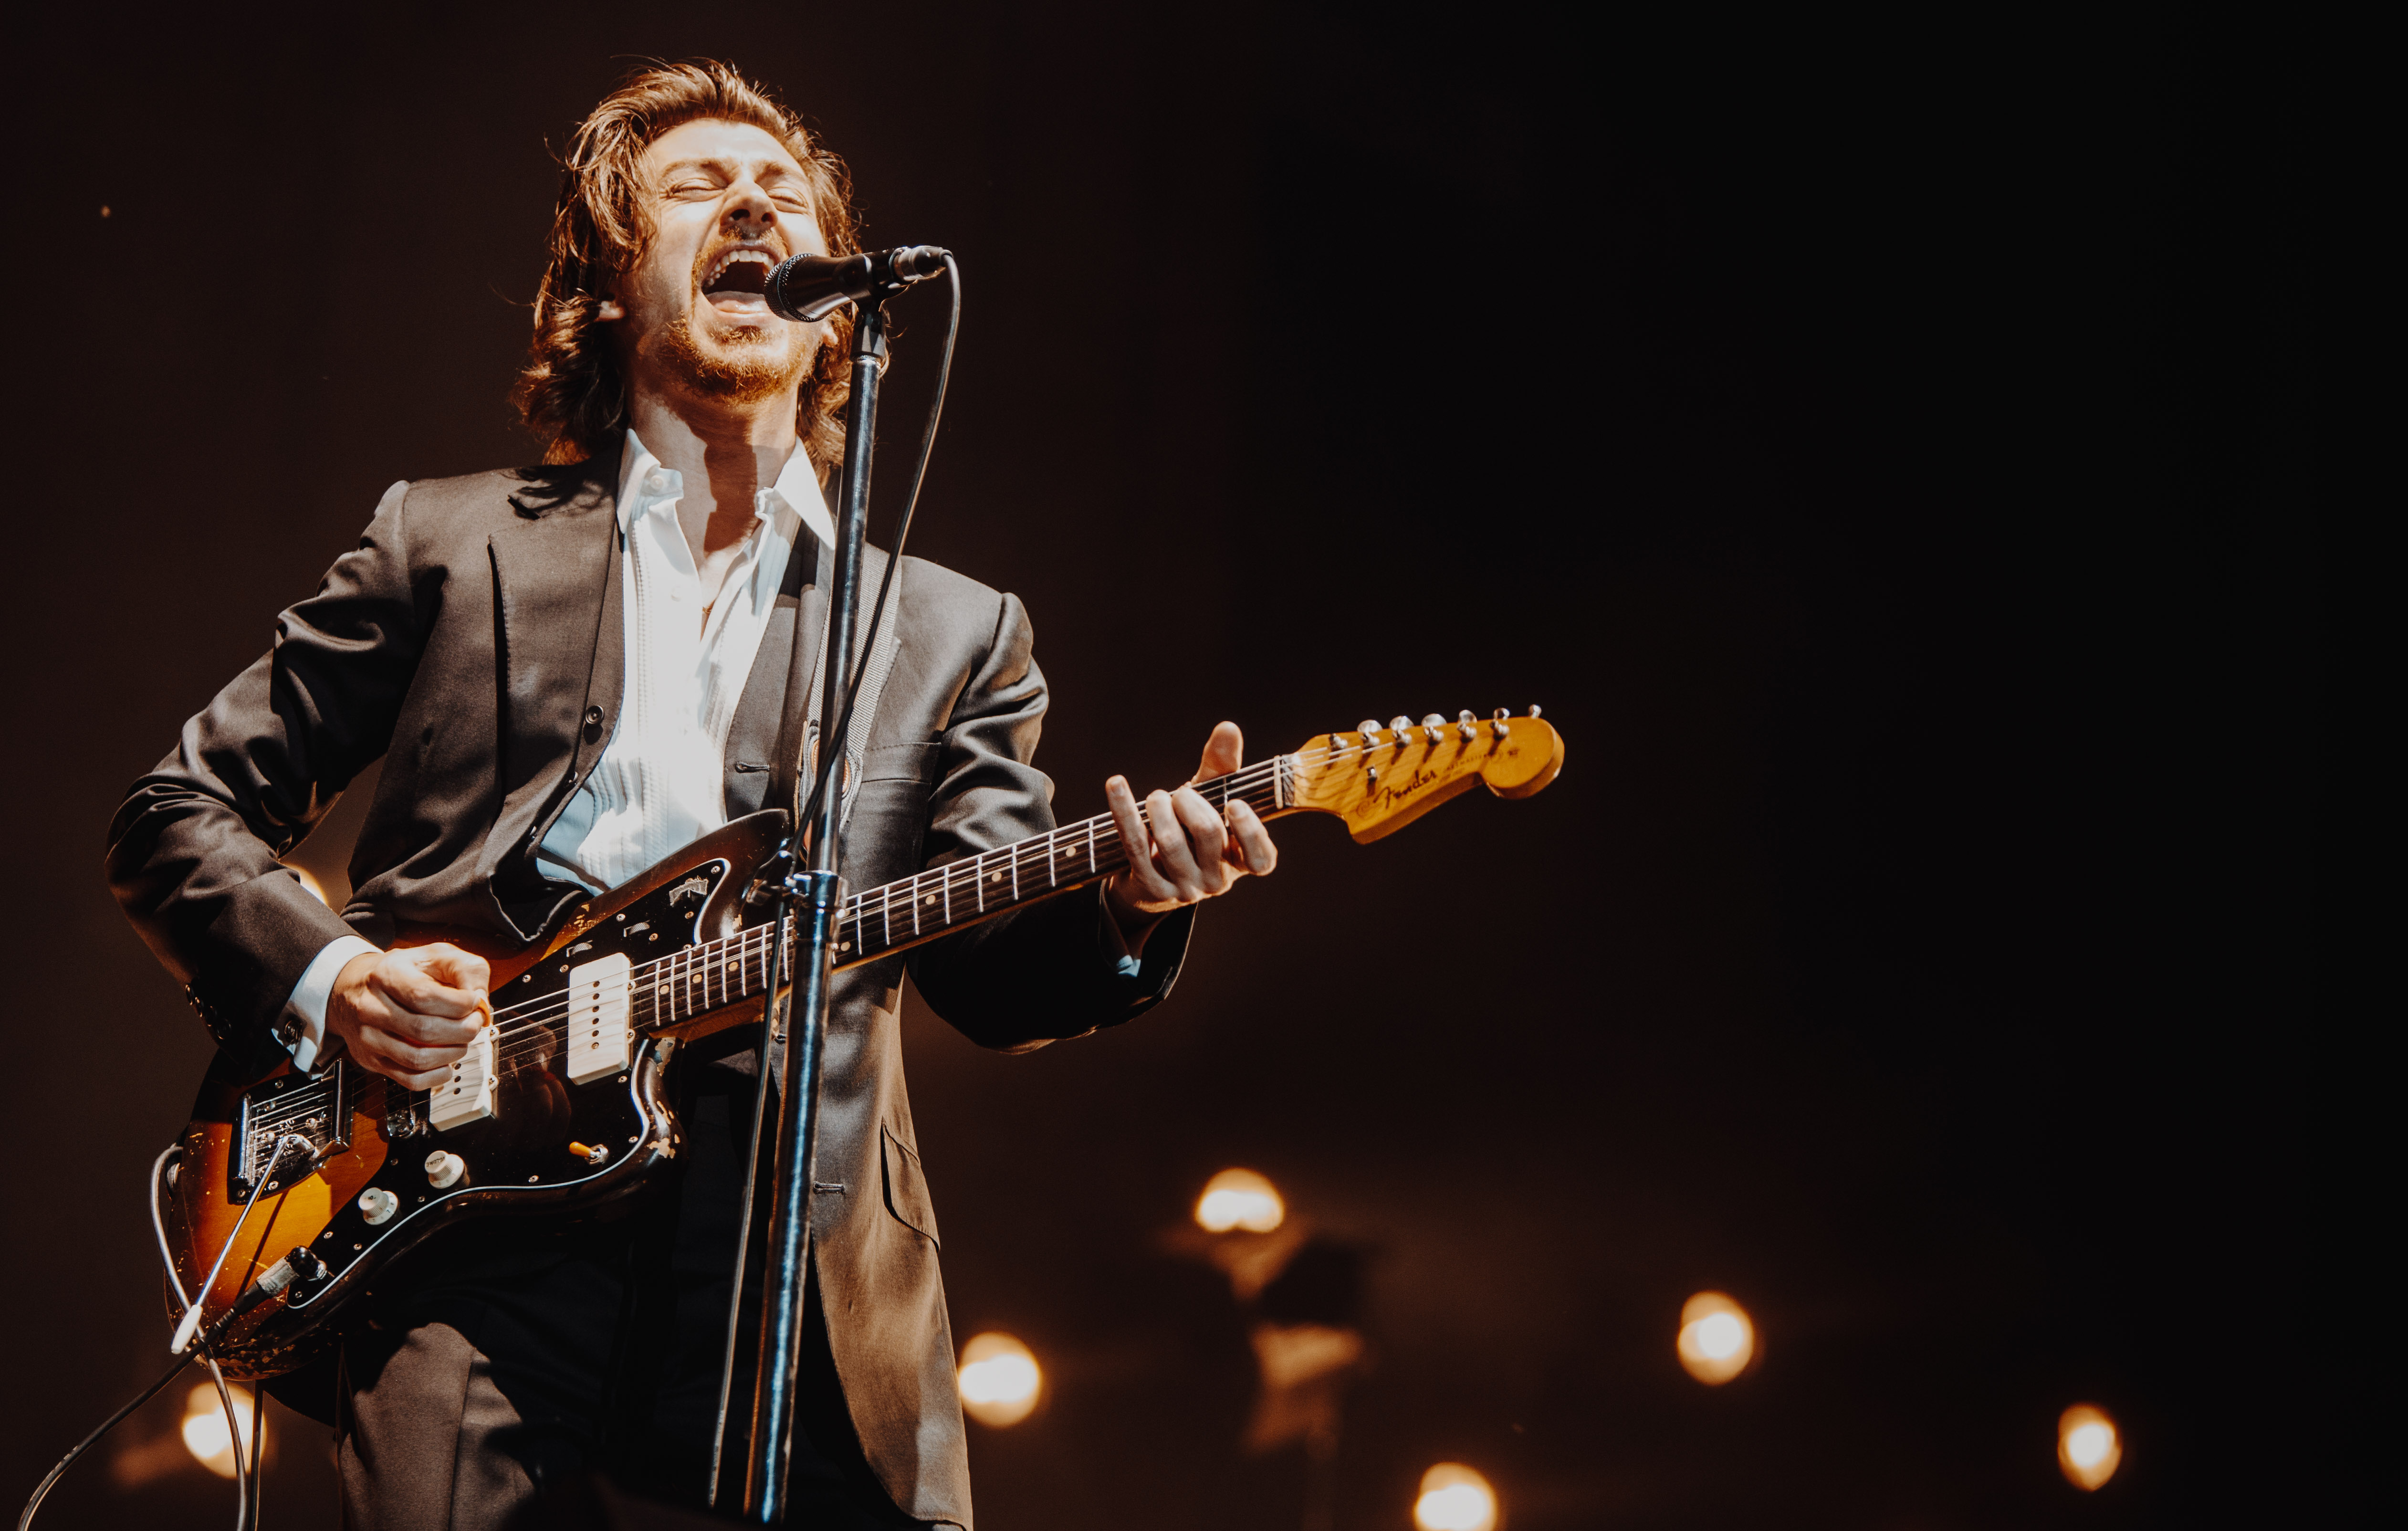 Arctic Monkeys. (c) Jack Parker